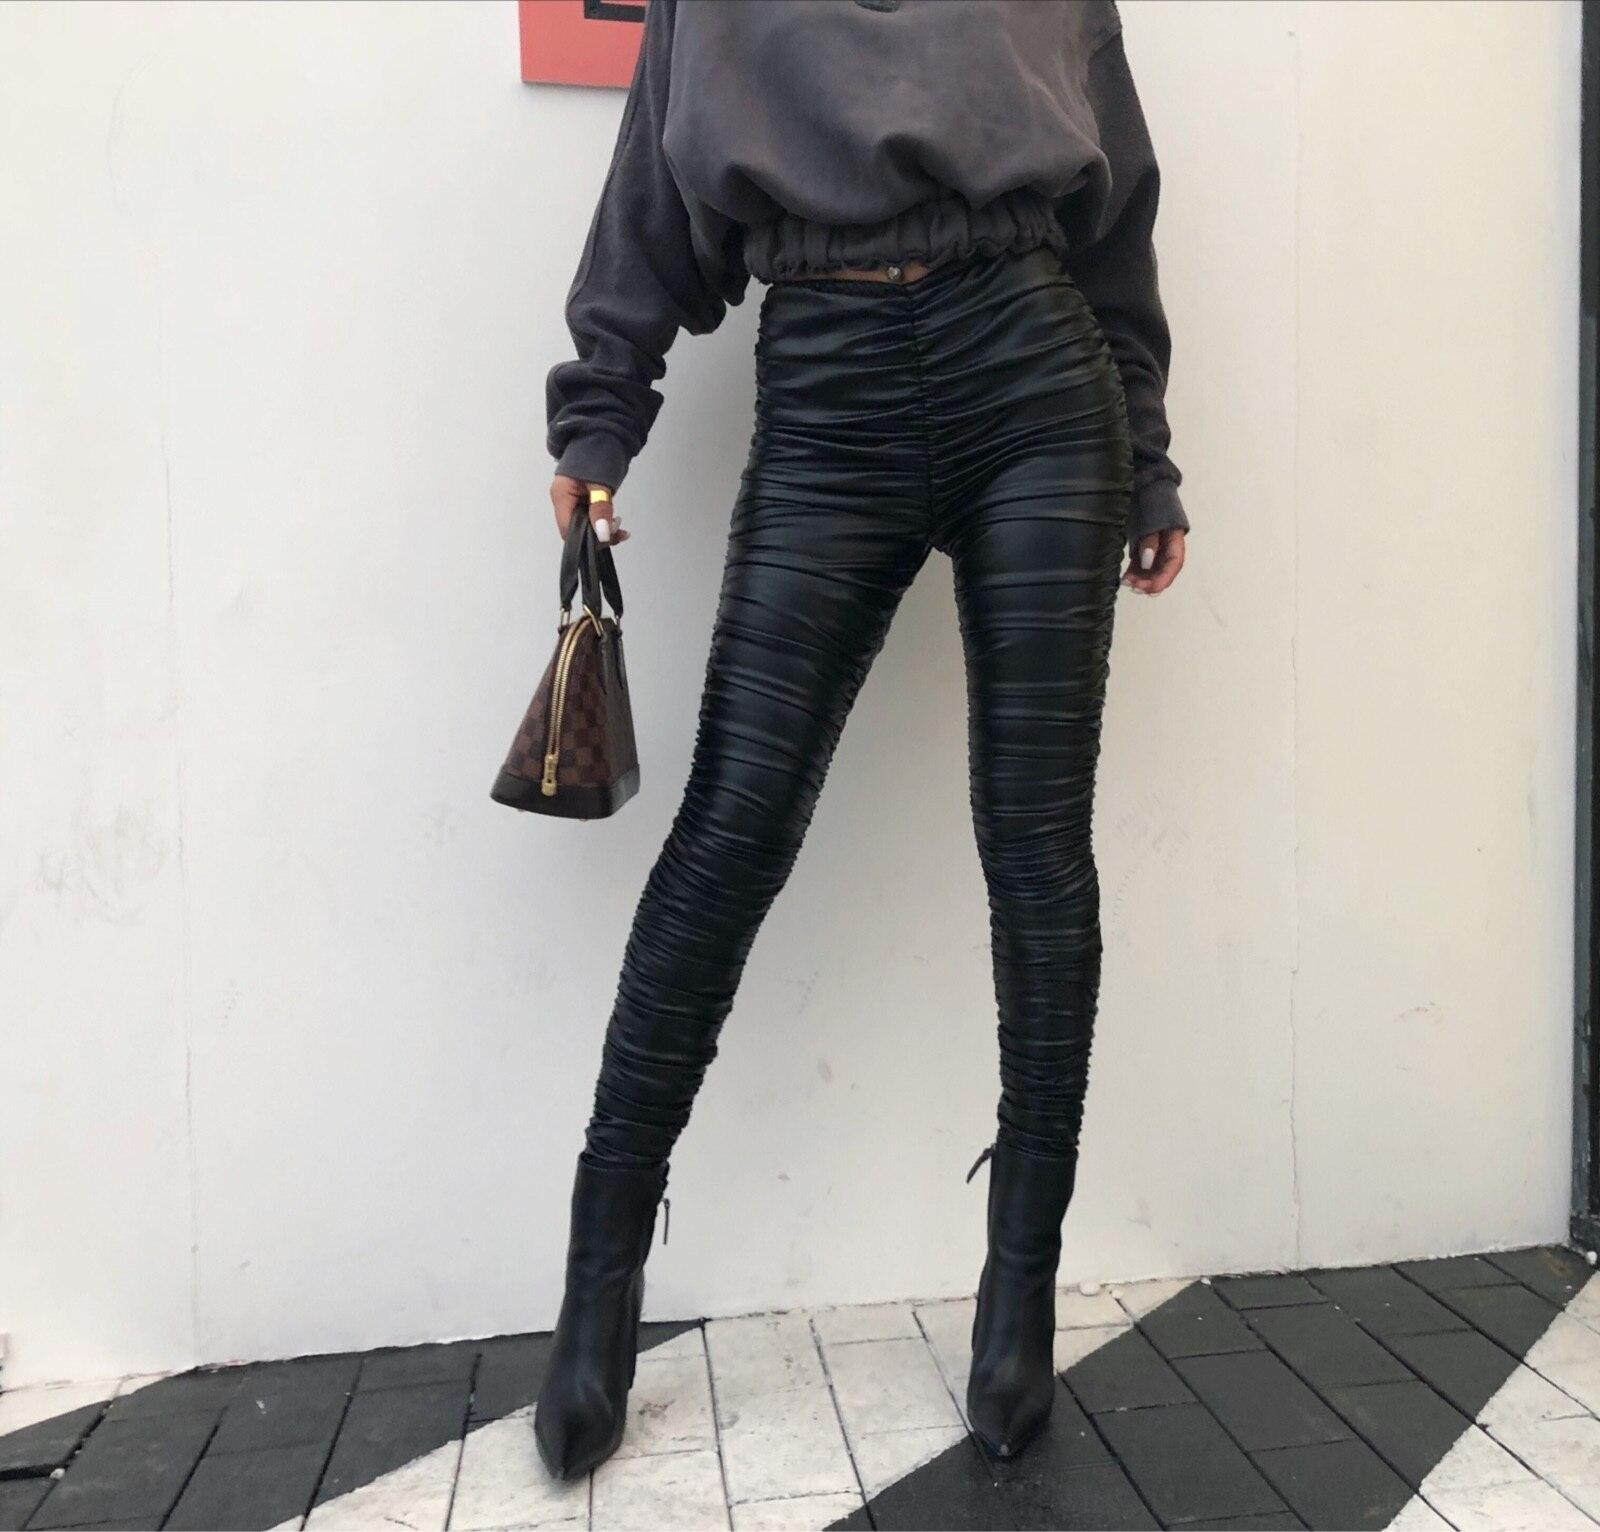 Grand 2018 De Plissée Faux Rue Robe Pu En Élastique Cuir Noir Nouvelles Plis Pantalon Femmes Promotion Ordinaire Pleine gqfgwRxn6U